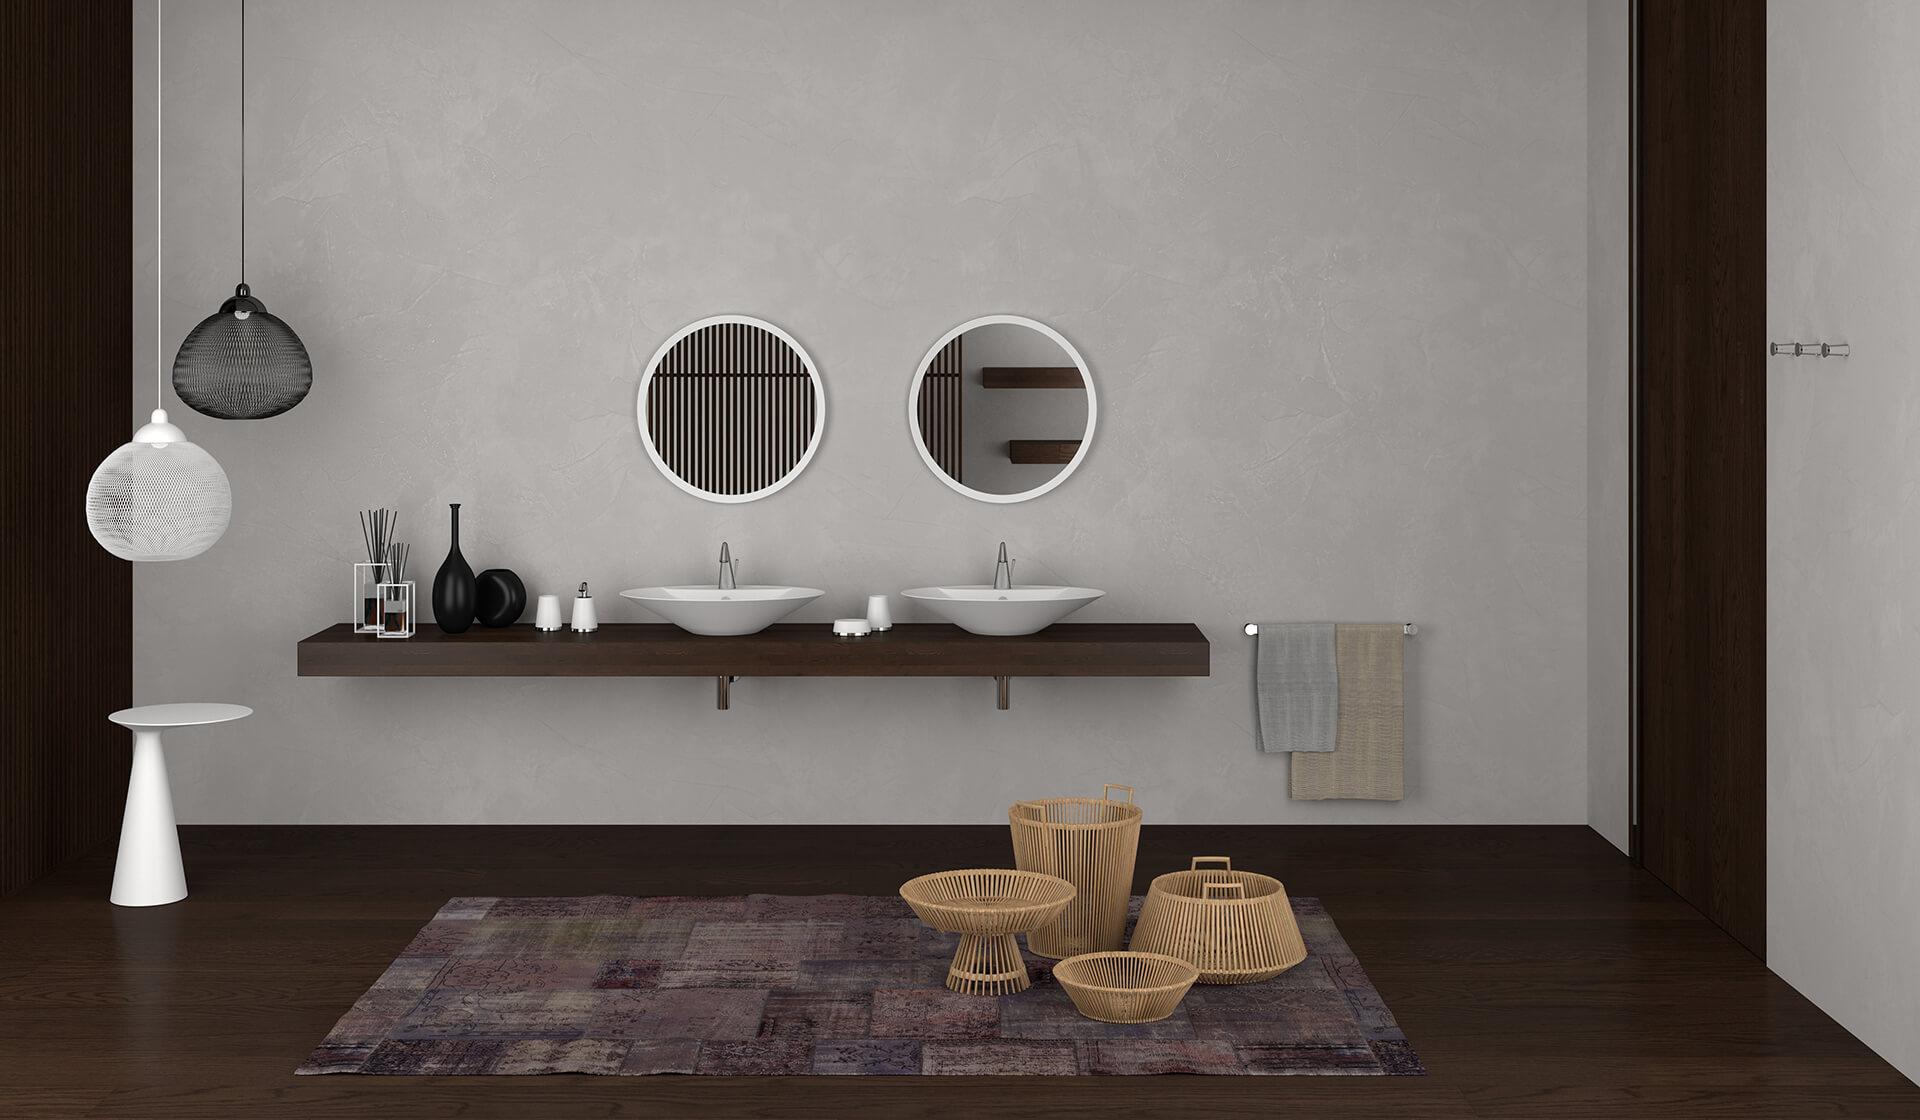 Rendering 3D Fotorealistico Interno Arredo Bagno 01 Rendering Evolution